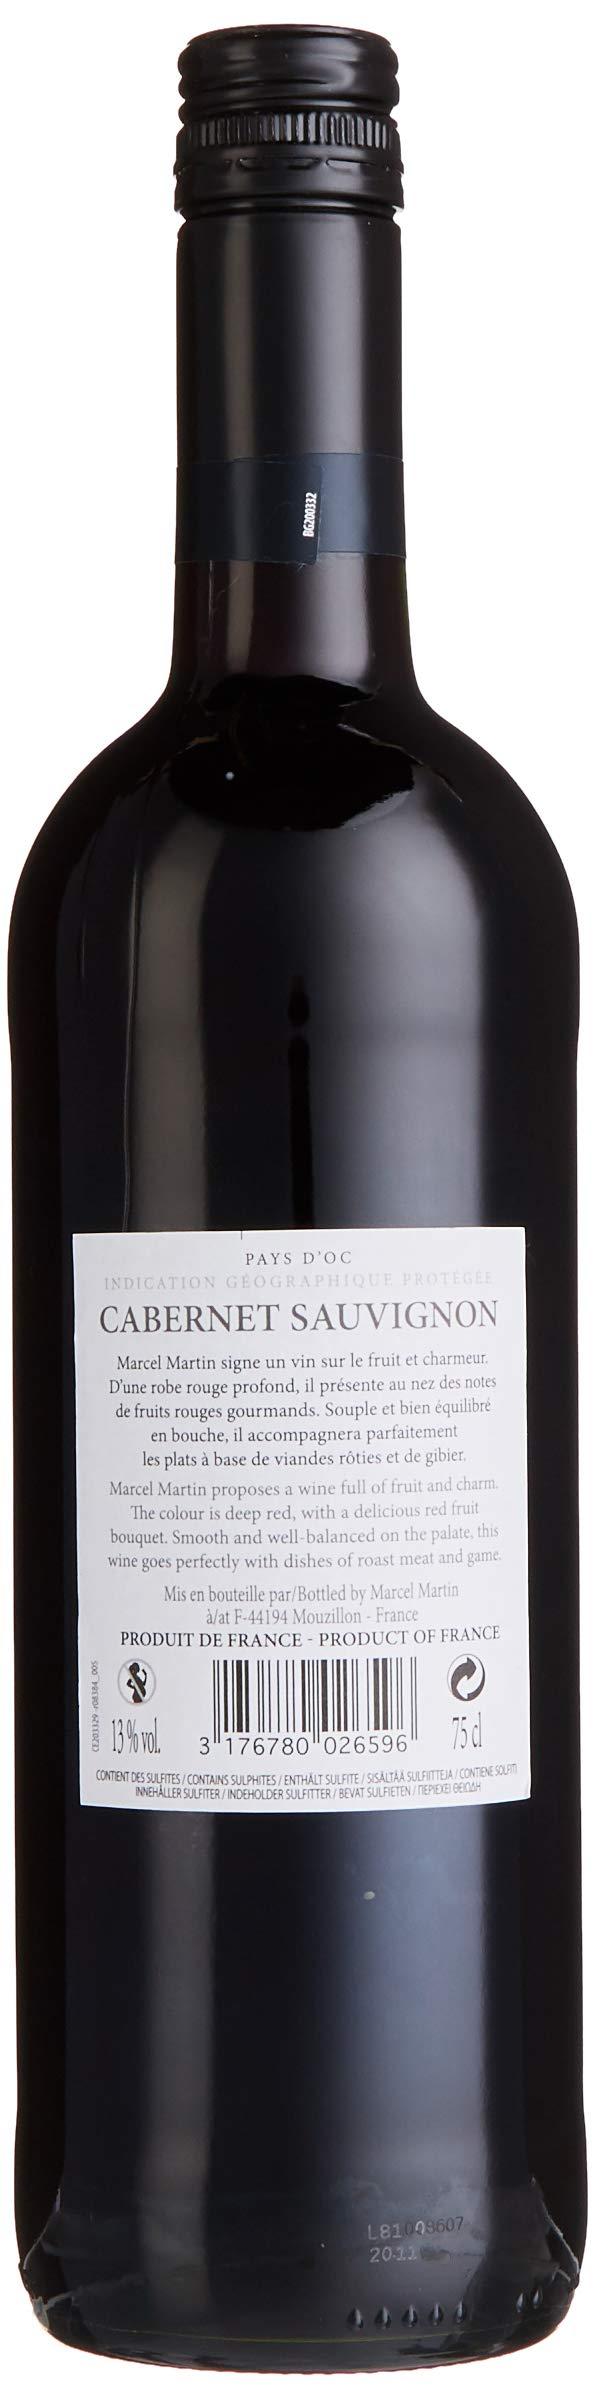 Marcel-Martin-IGP-Pays-dOc-Cabernet-Sauvignon-6-x-075-l